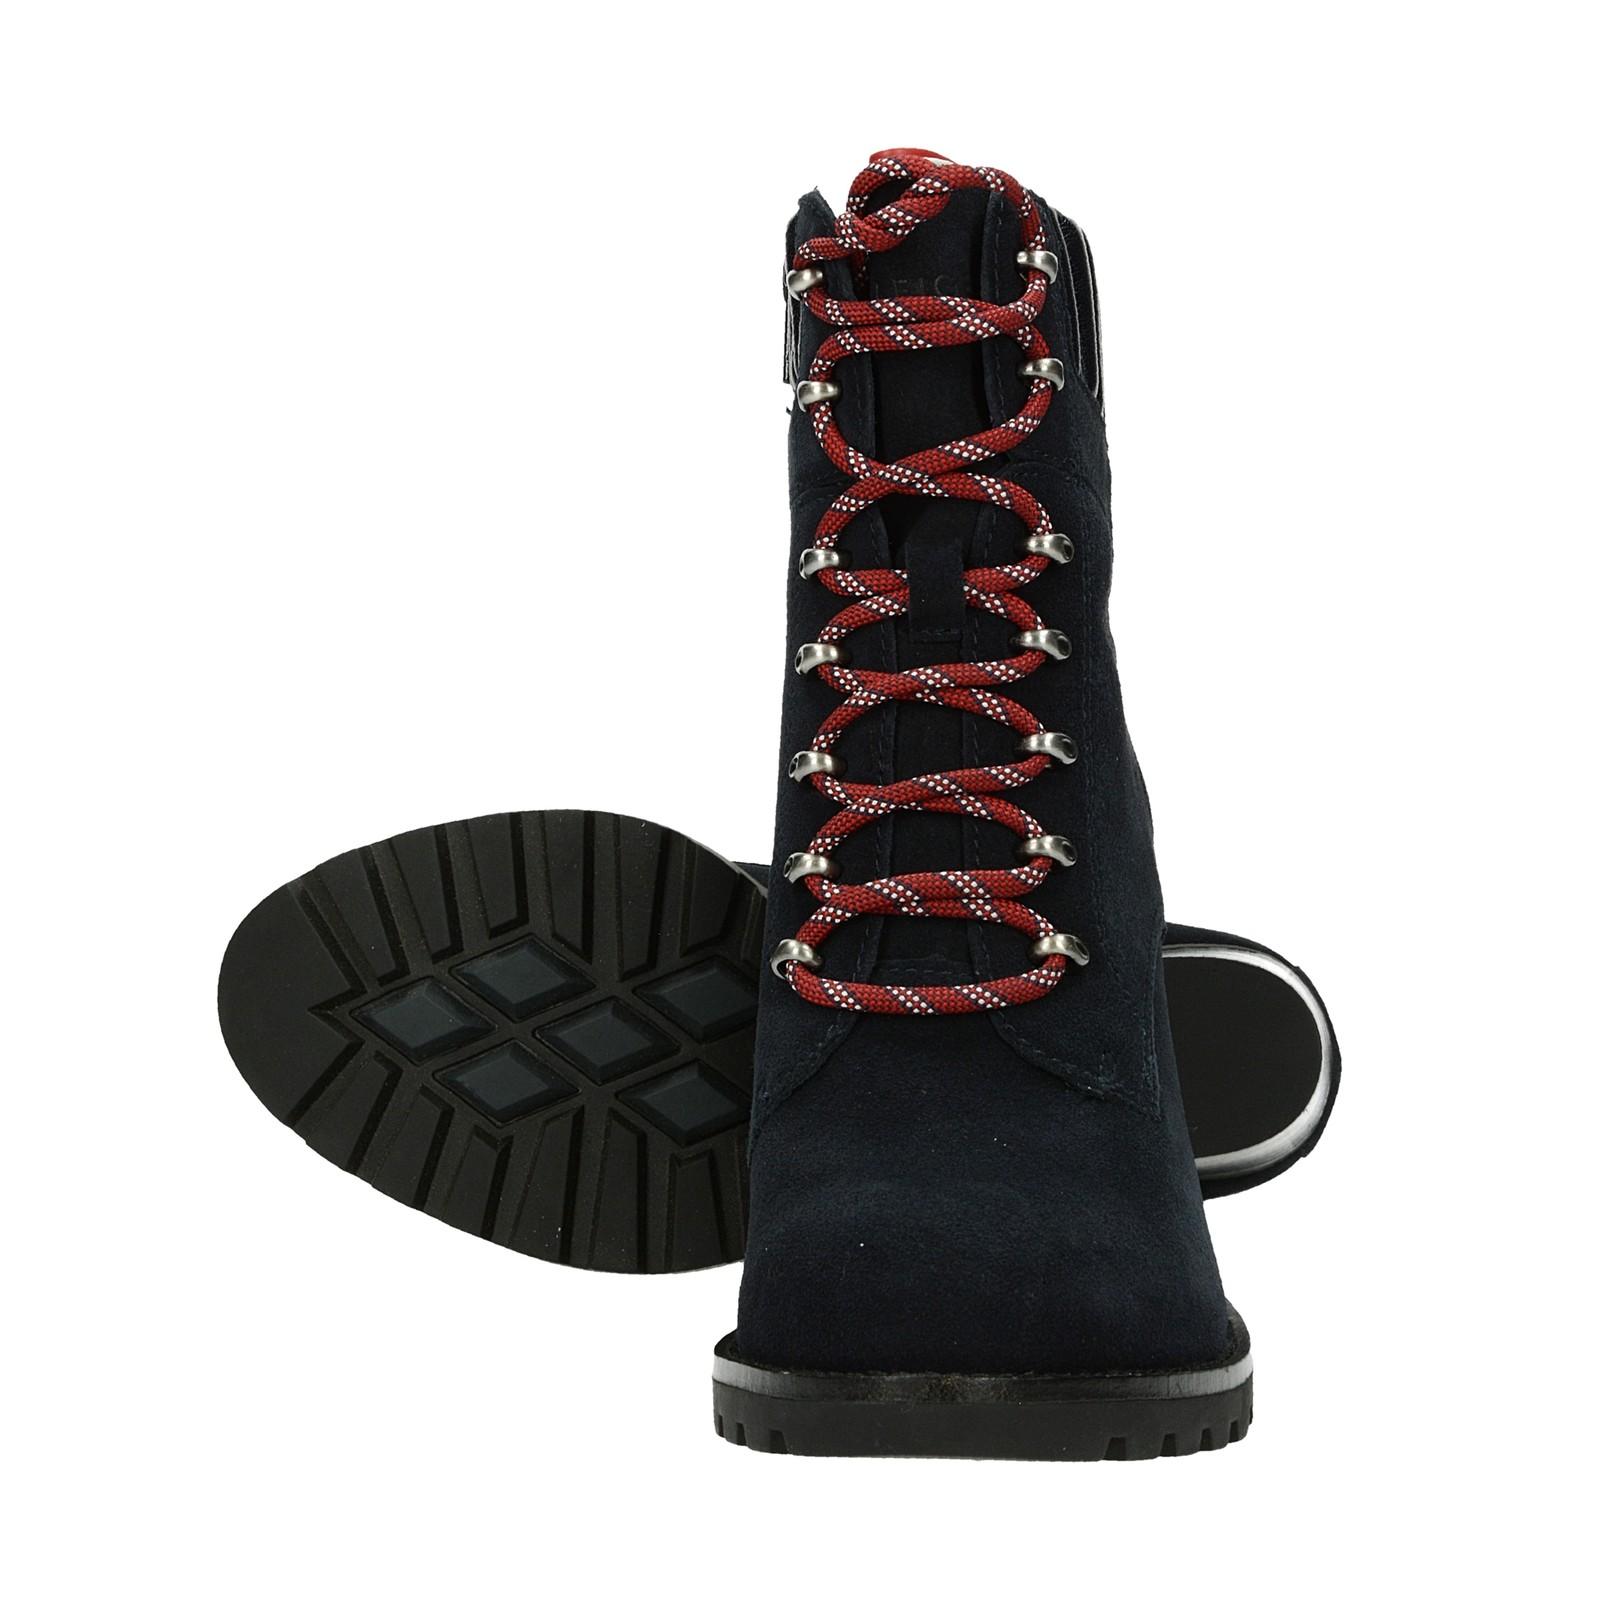 ad53b6f1097 ... Tommy Hilfiger dámské semišové kotníkové boty na podpatku - tmavomodré  ...